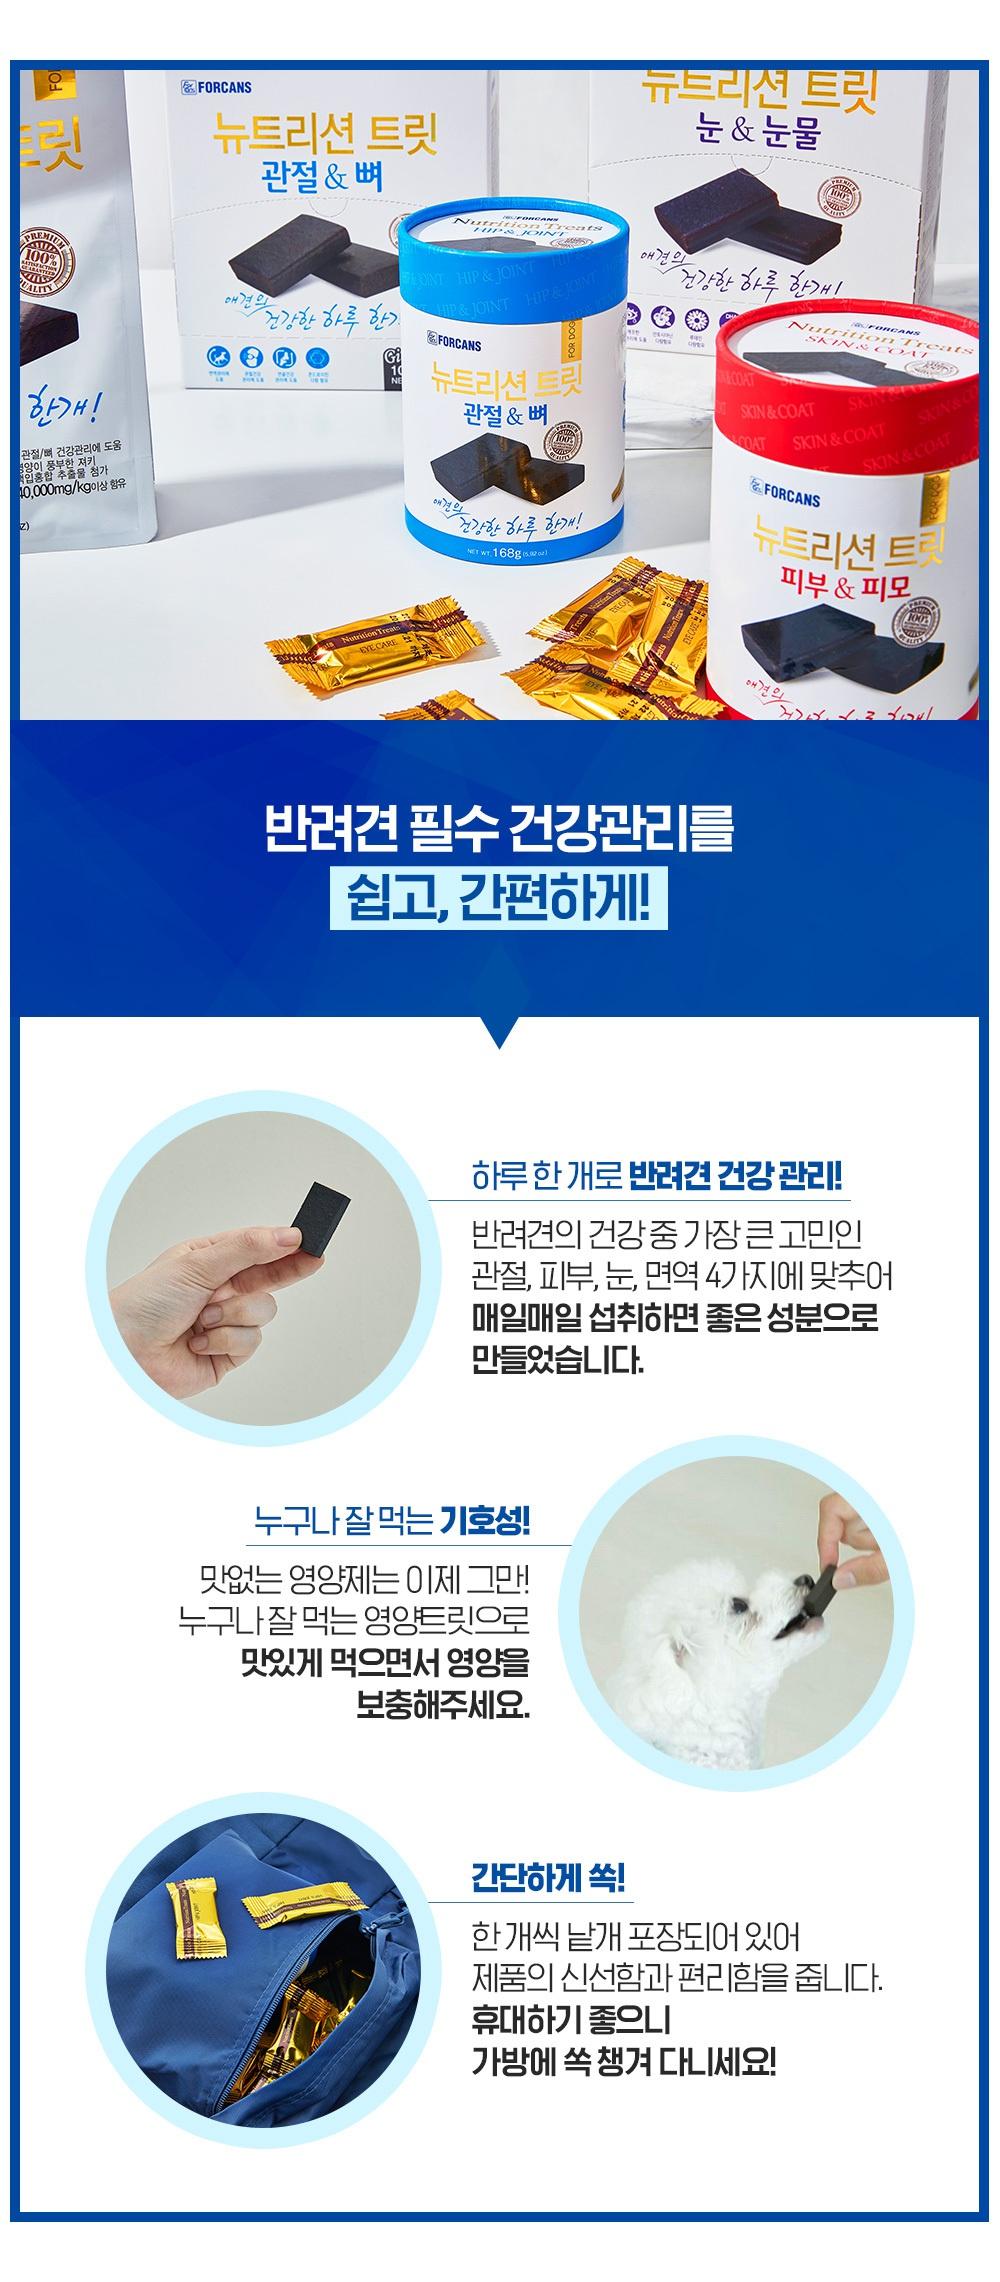 반려견 영양제 포켄스 뉴트리션 트릿 관절/면역 (240g)-상품이미지-7